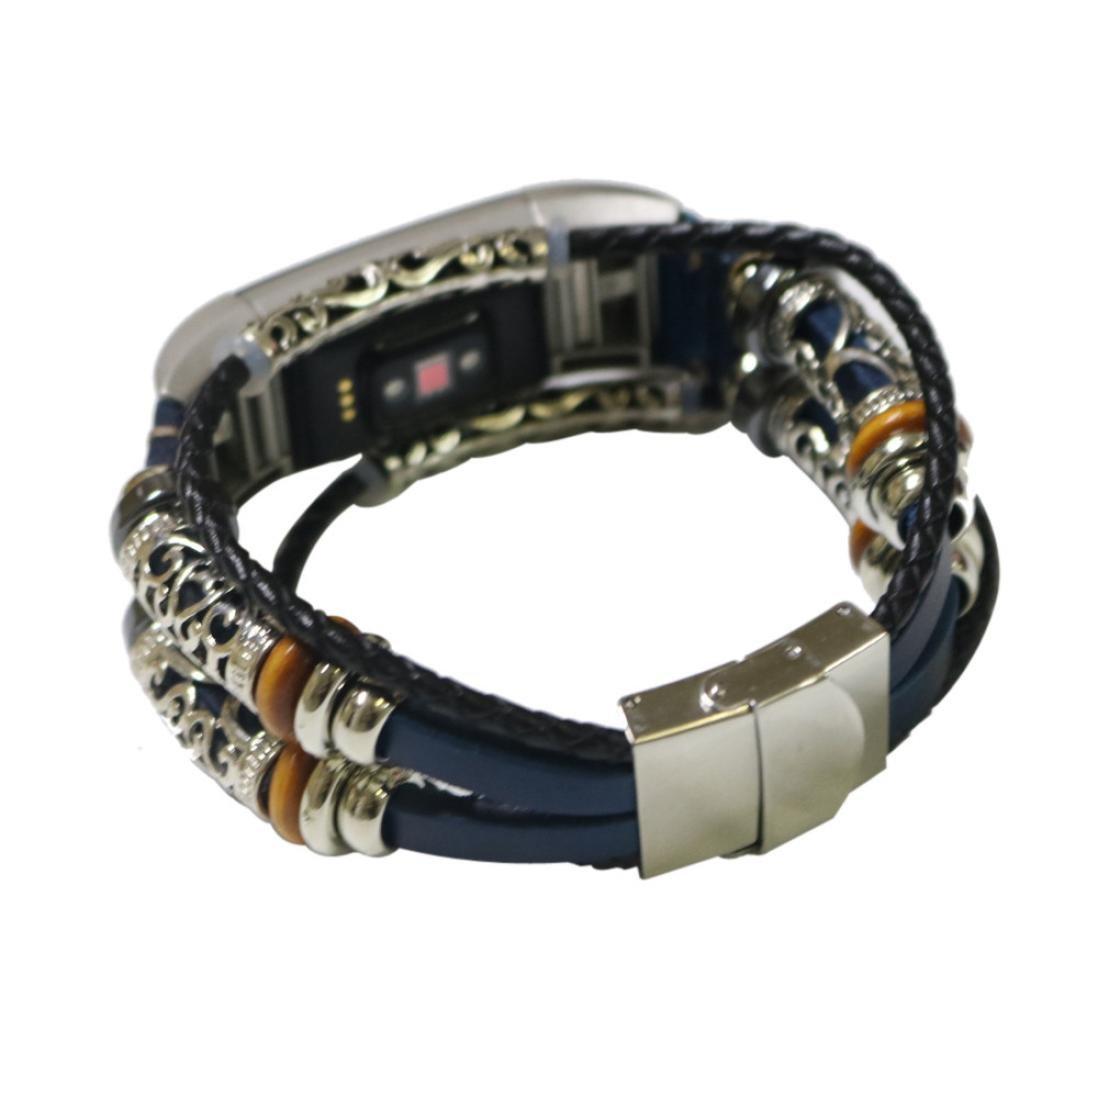 BZLine Für Fitbit Charge 2 Band Ledergurte, Verstellbare Original Classic Ersatz-Armband für Charge 2 Fitness-Zubehör mit Metallsteckern (Gold)